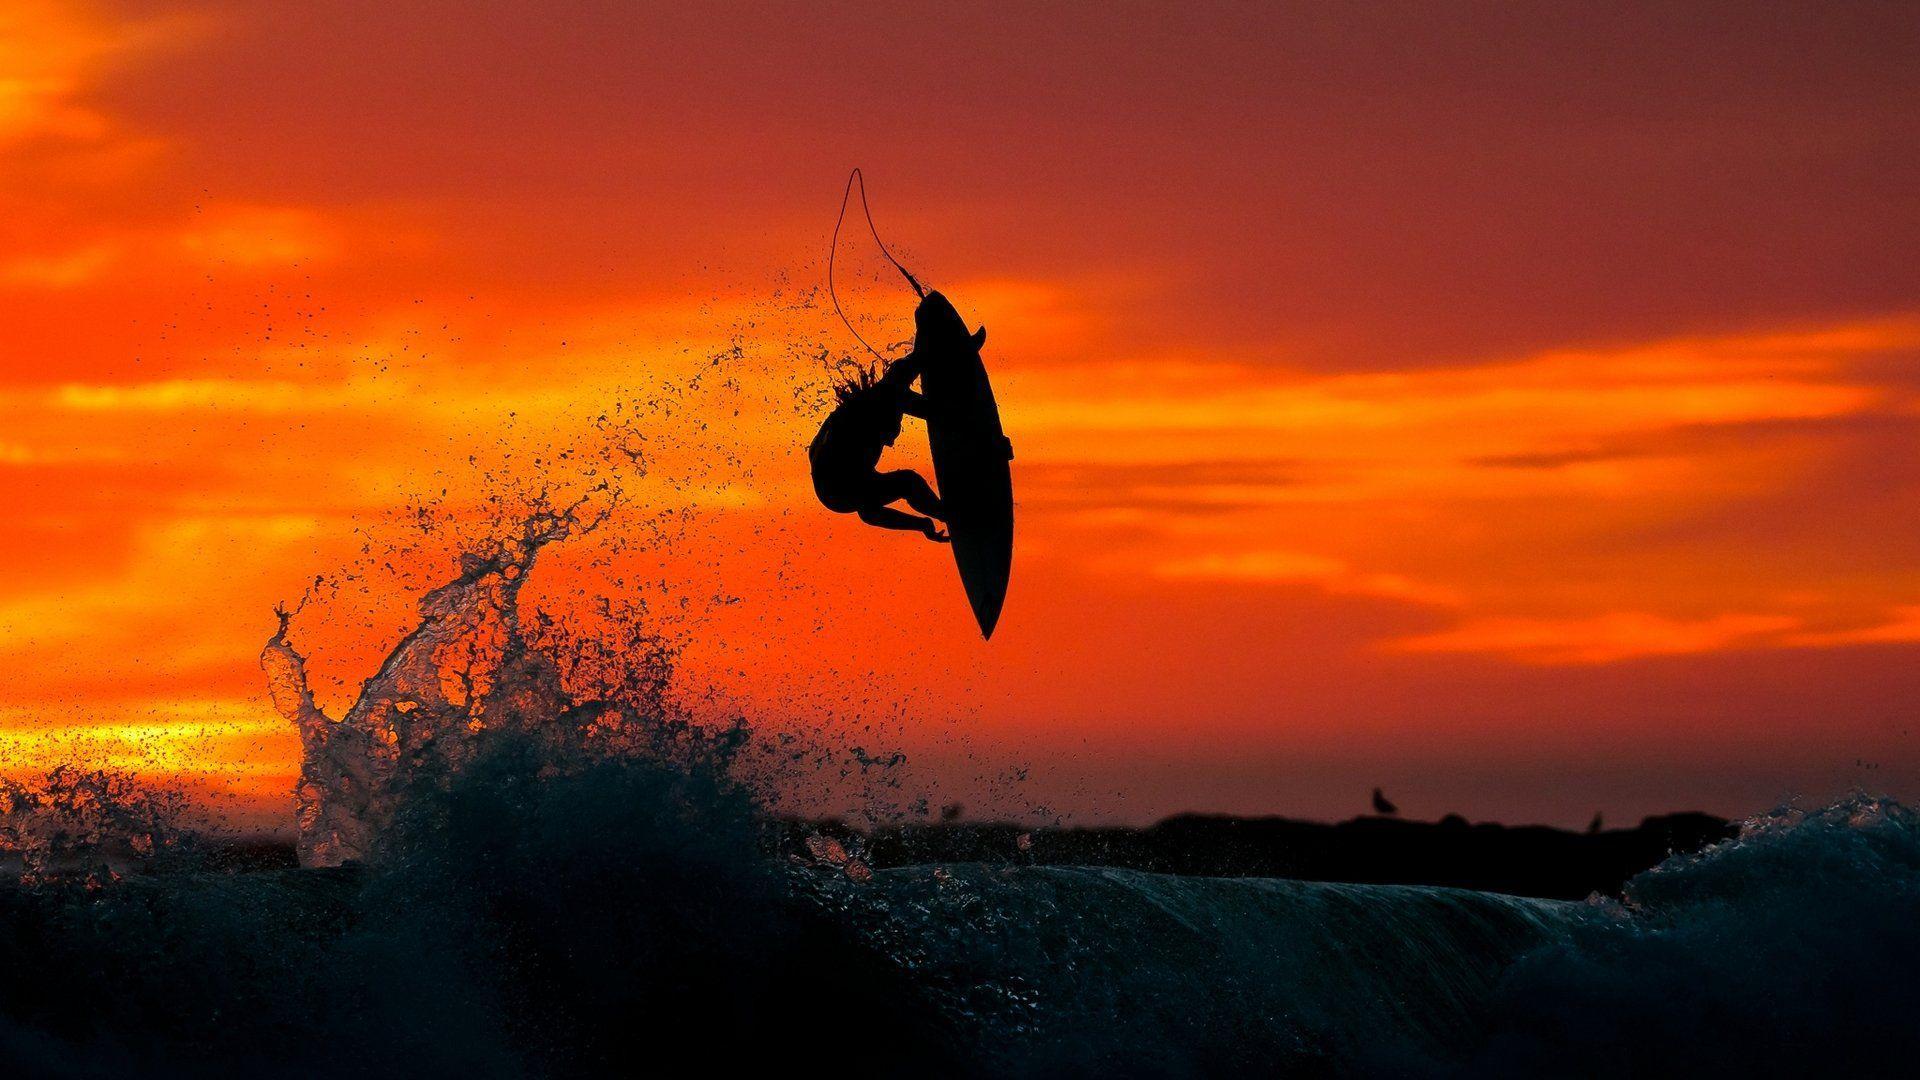 Surfboard Hawaii Iphone Wallpapers Top Free Surfboard